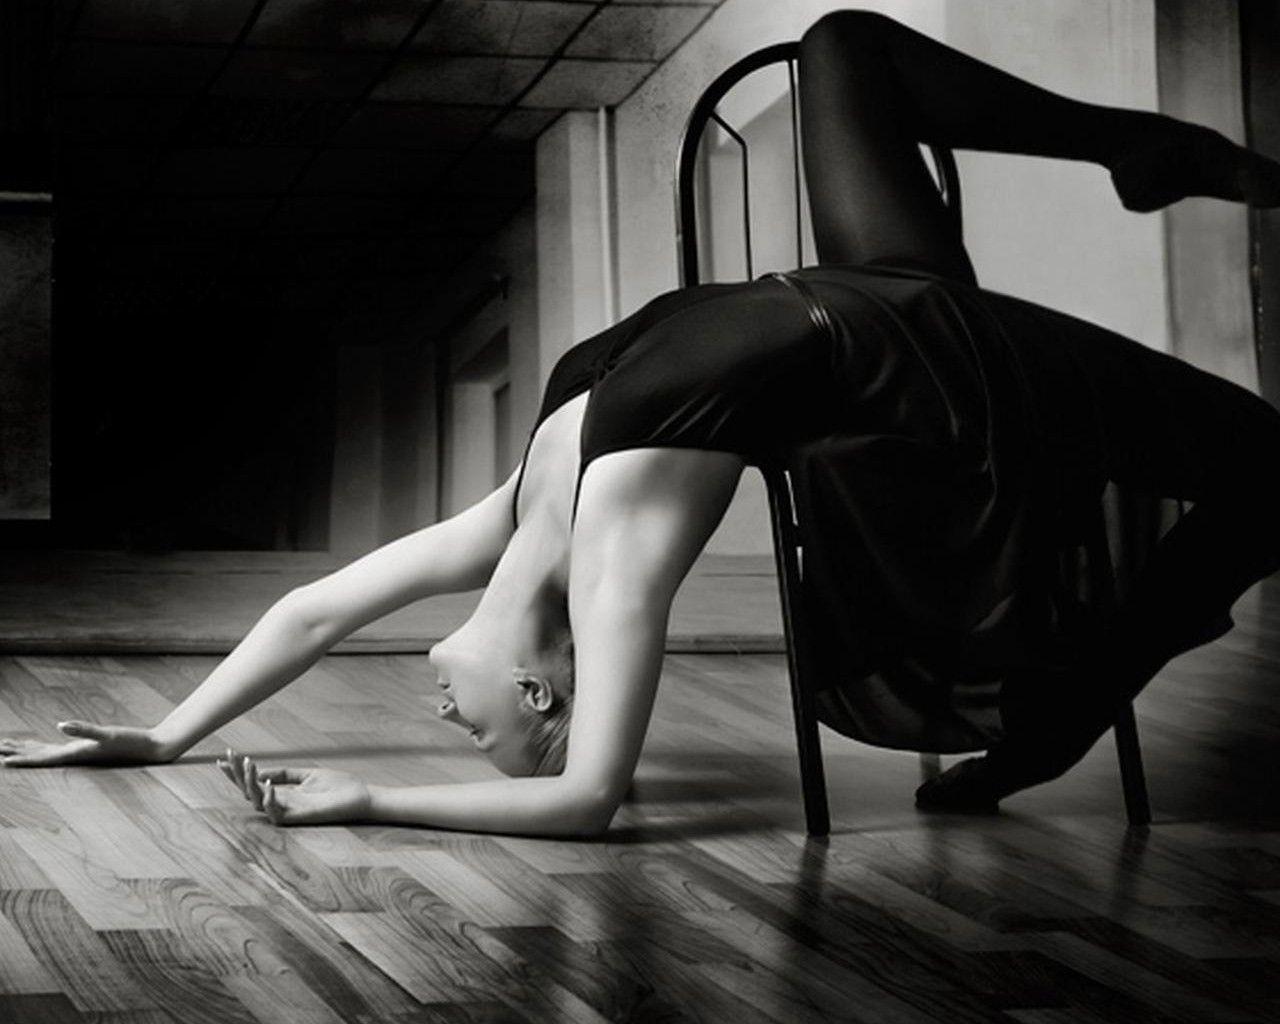 Ballet Ballerina Wallpaper 199749